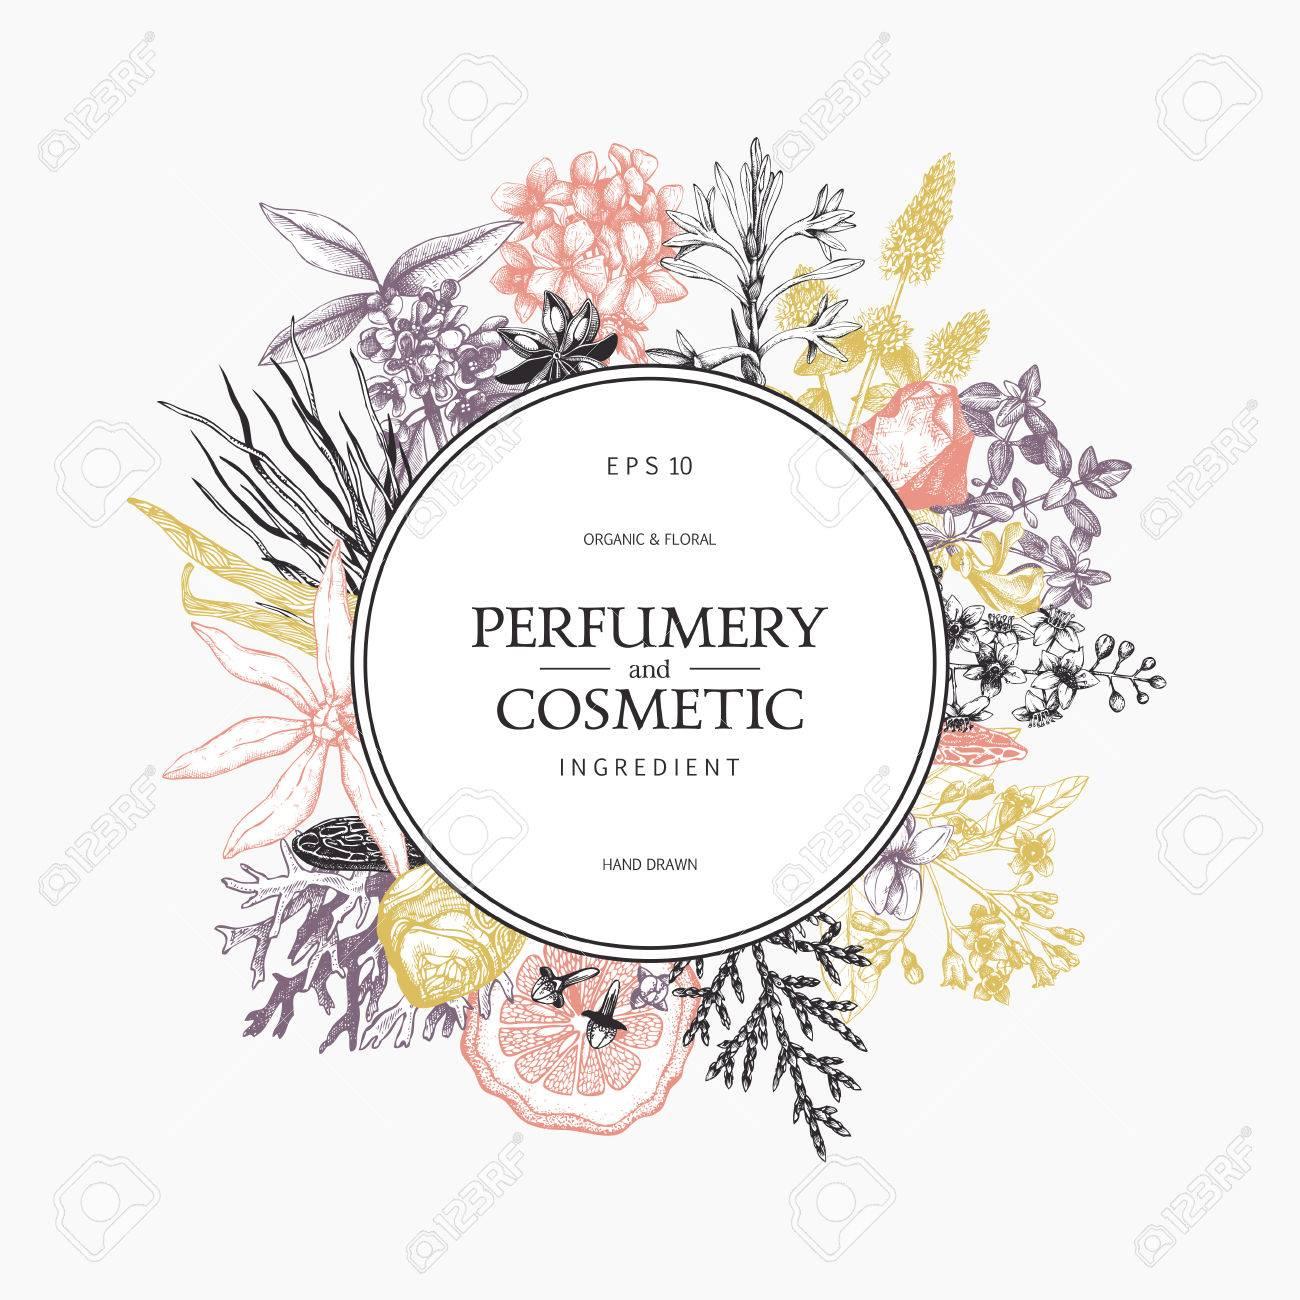 Vintage perfumery and cosmetics illustrations set - 77035373